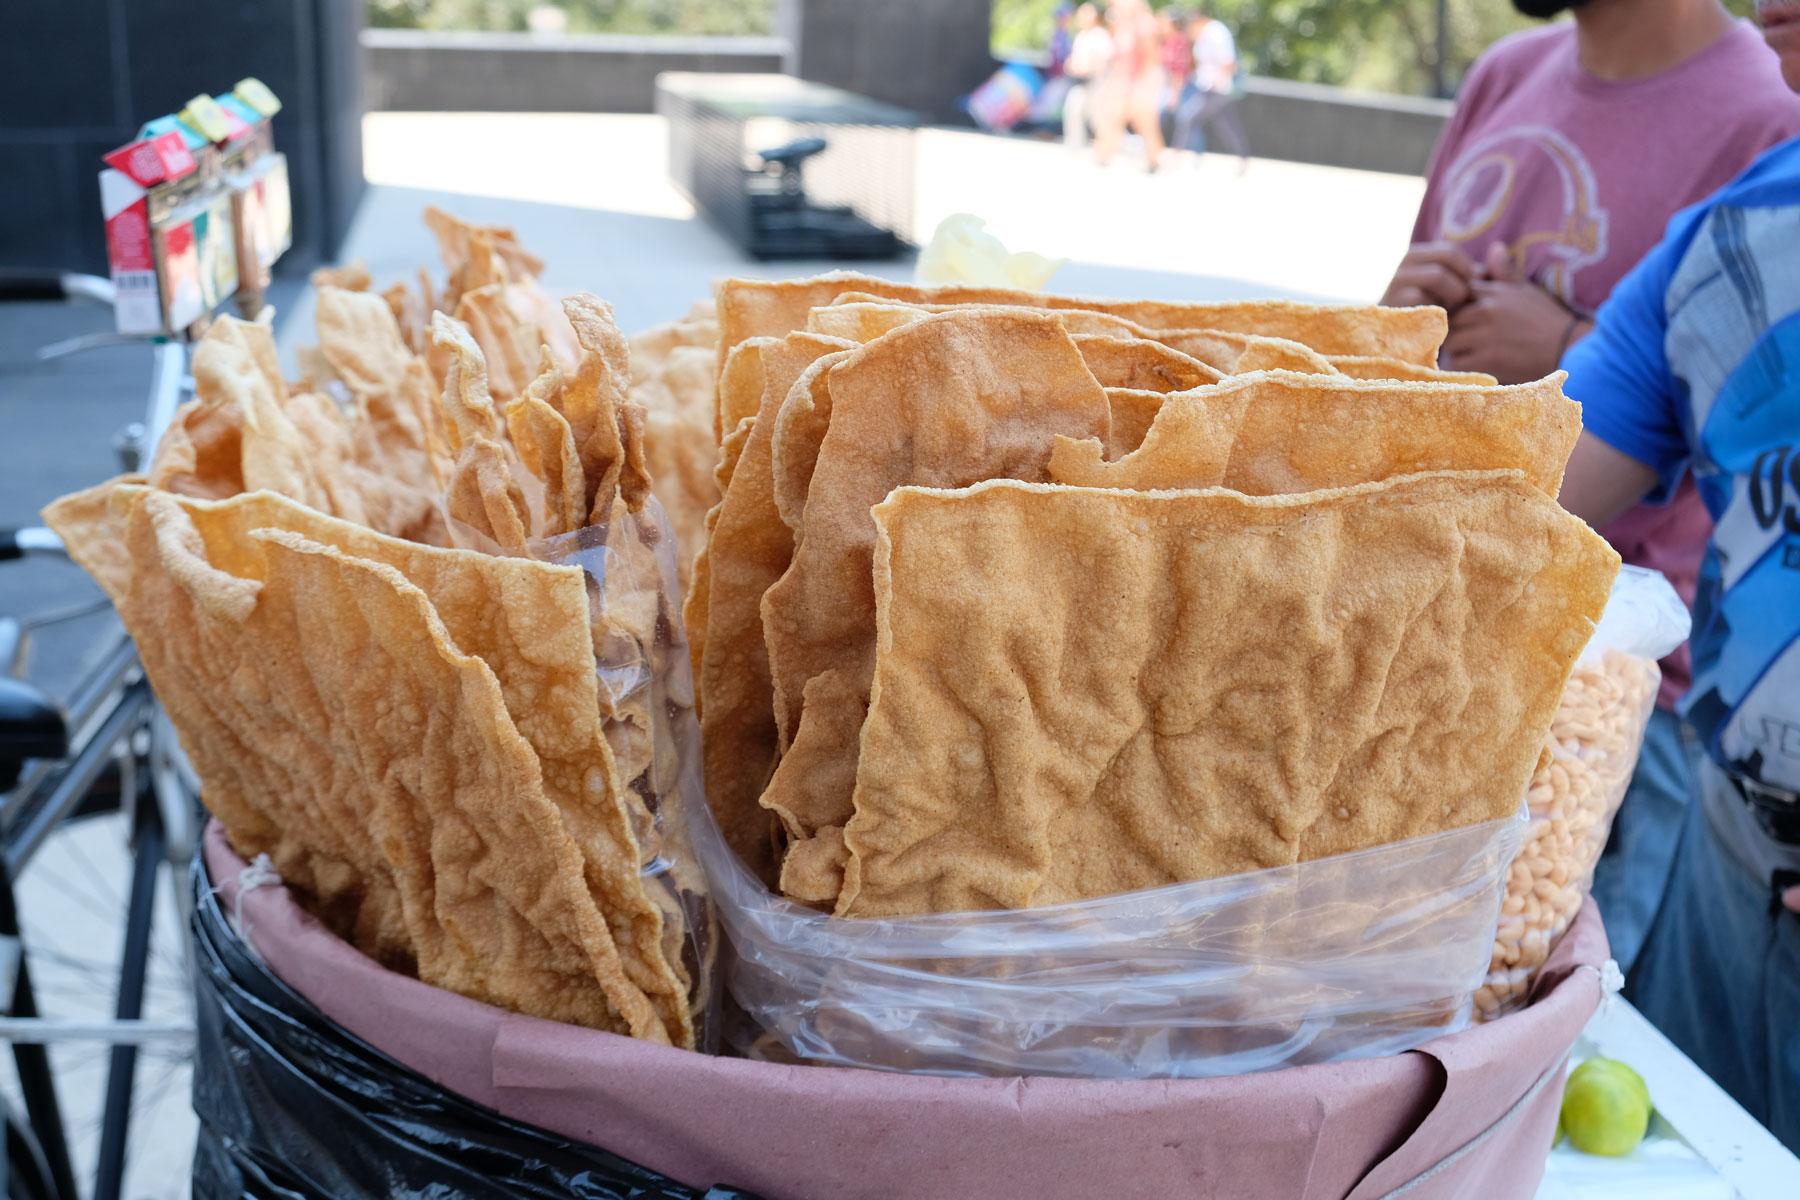 Verkäufer bieten große Platten von Chicharon an.